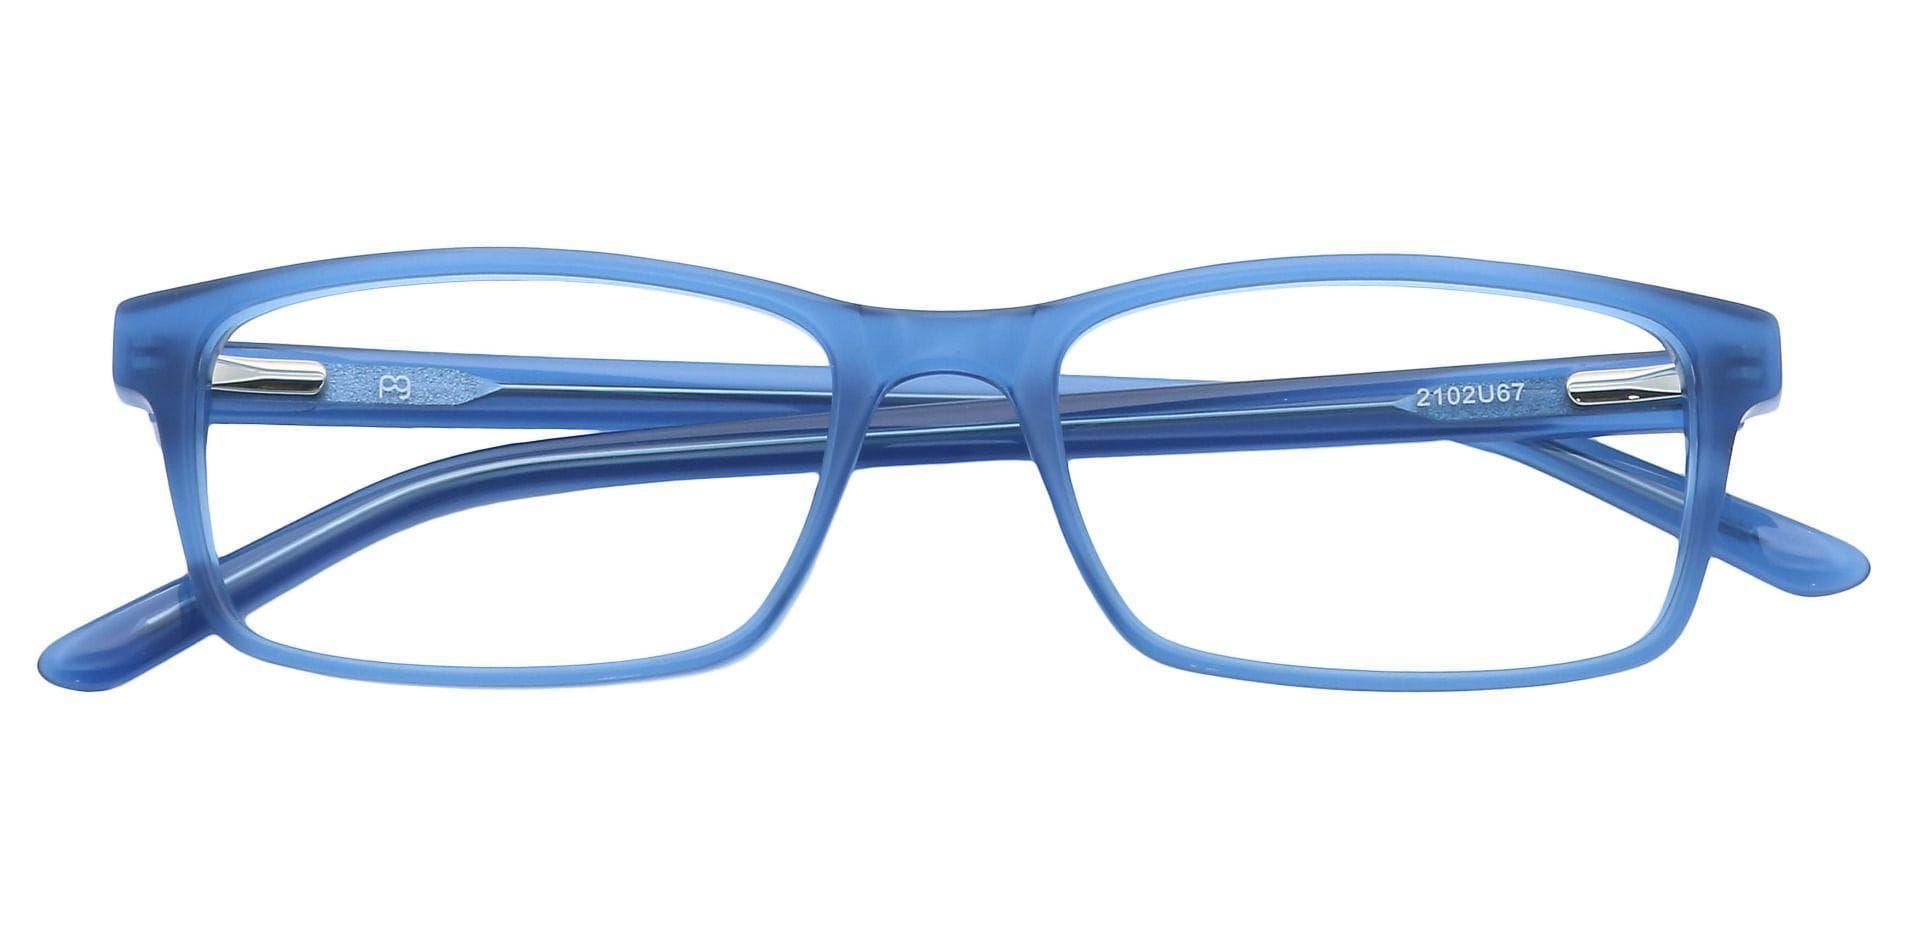 Suave Rectangle Non-Rx Glasses - Blue